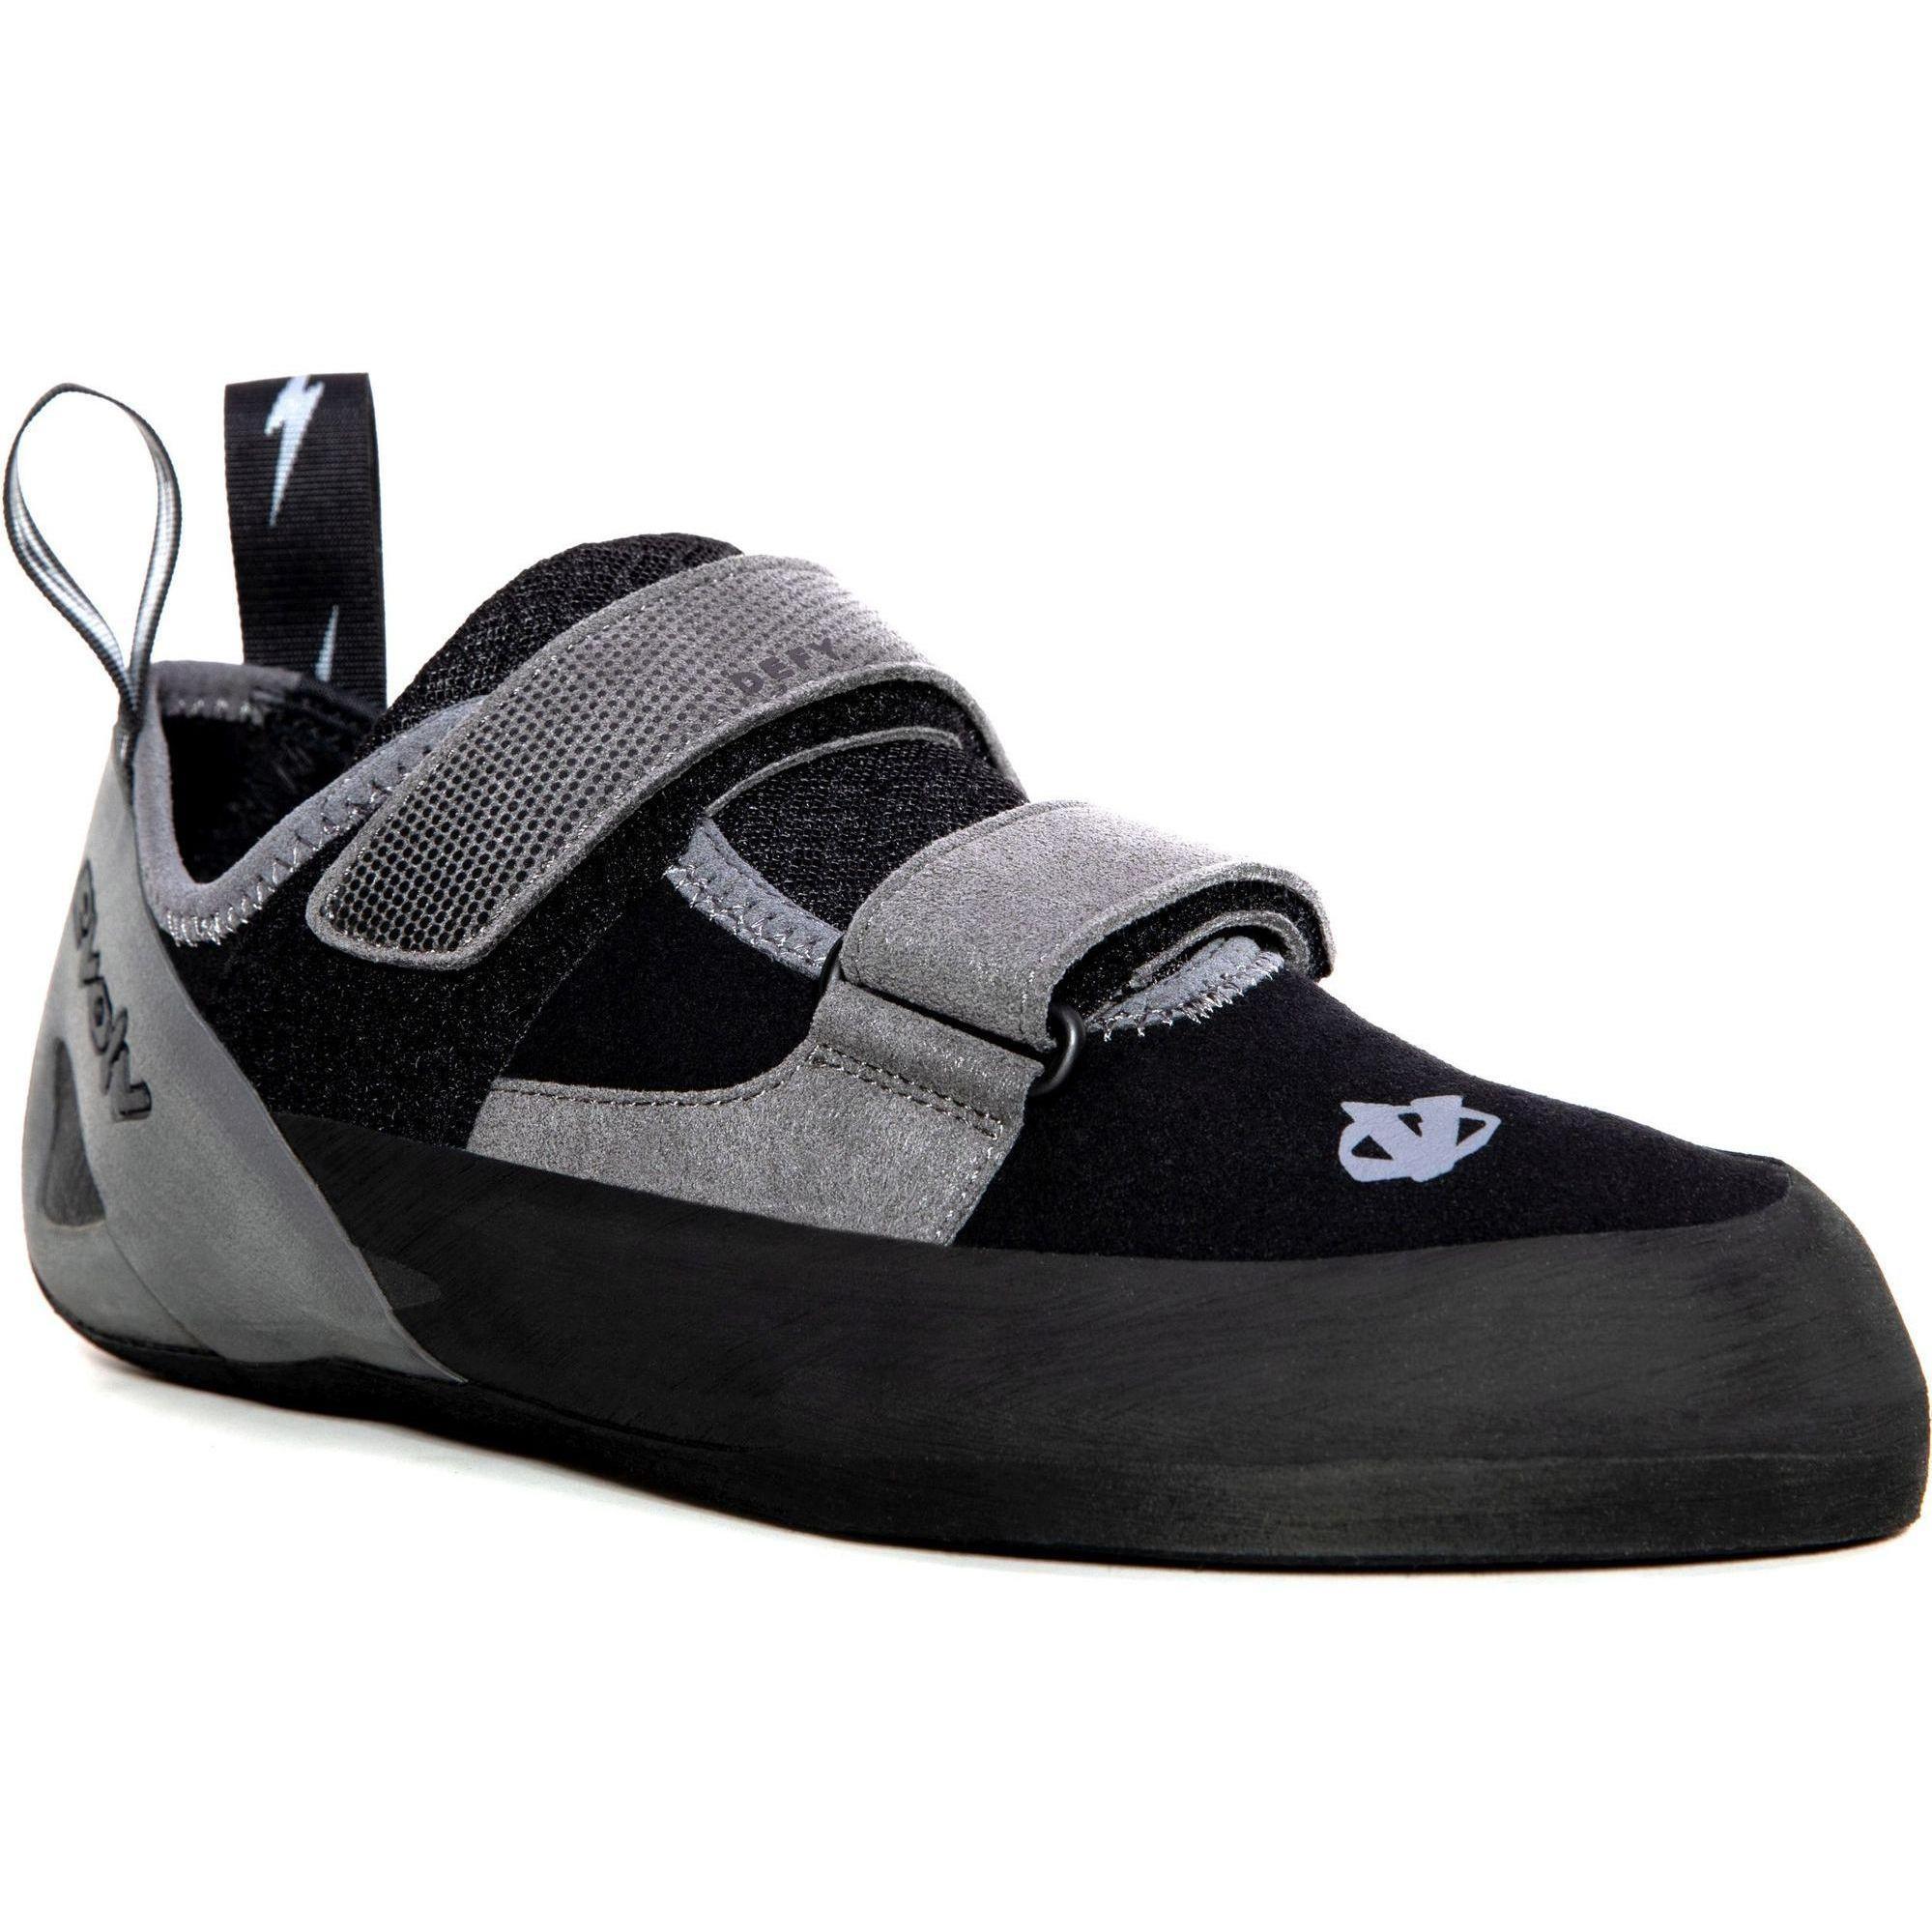 Скальные туфли Evolv 2020 Defy grey/black